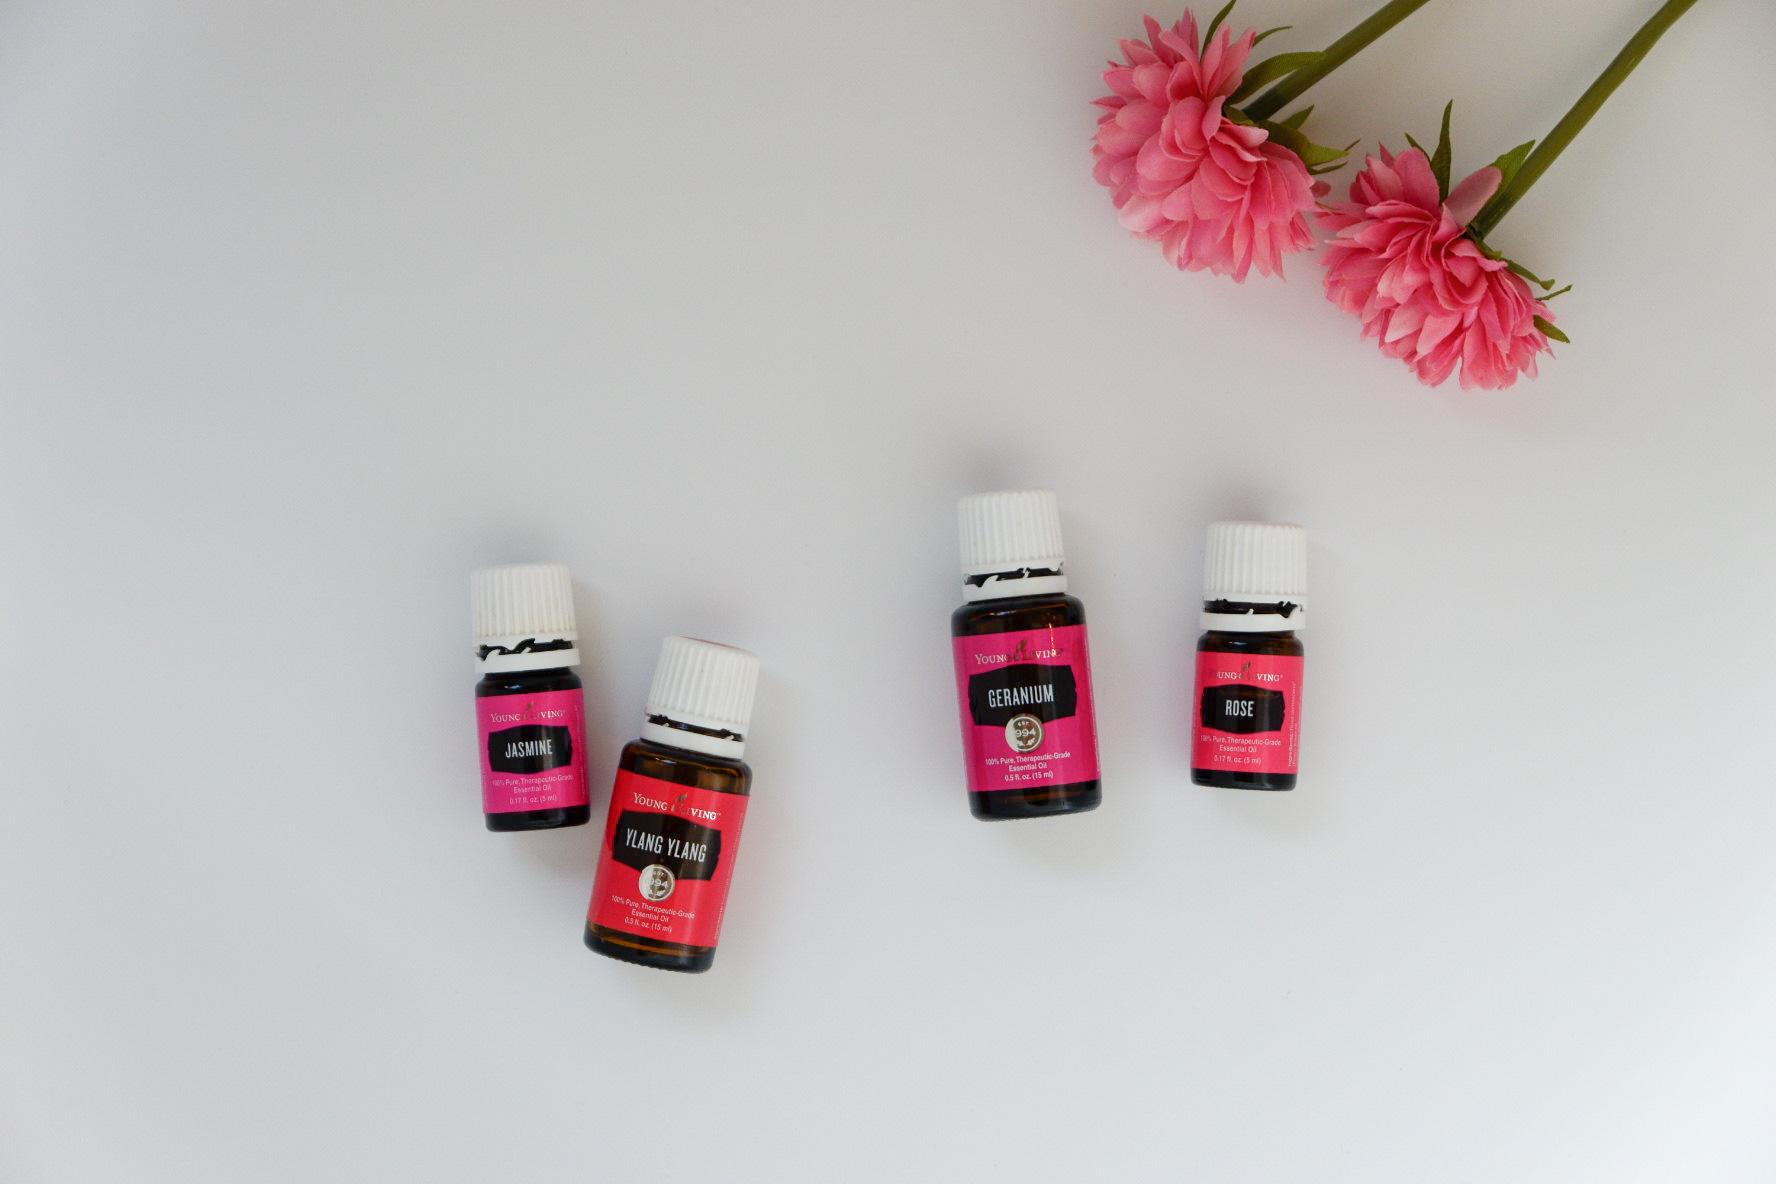 Floral Essential Oil Substitutes